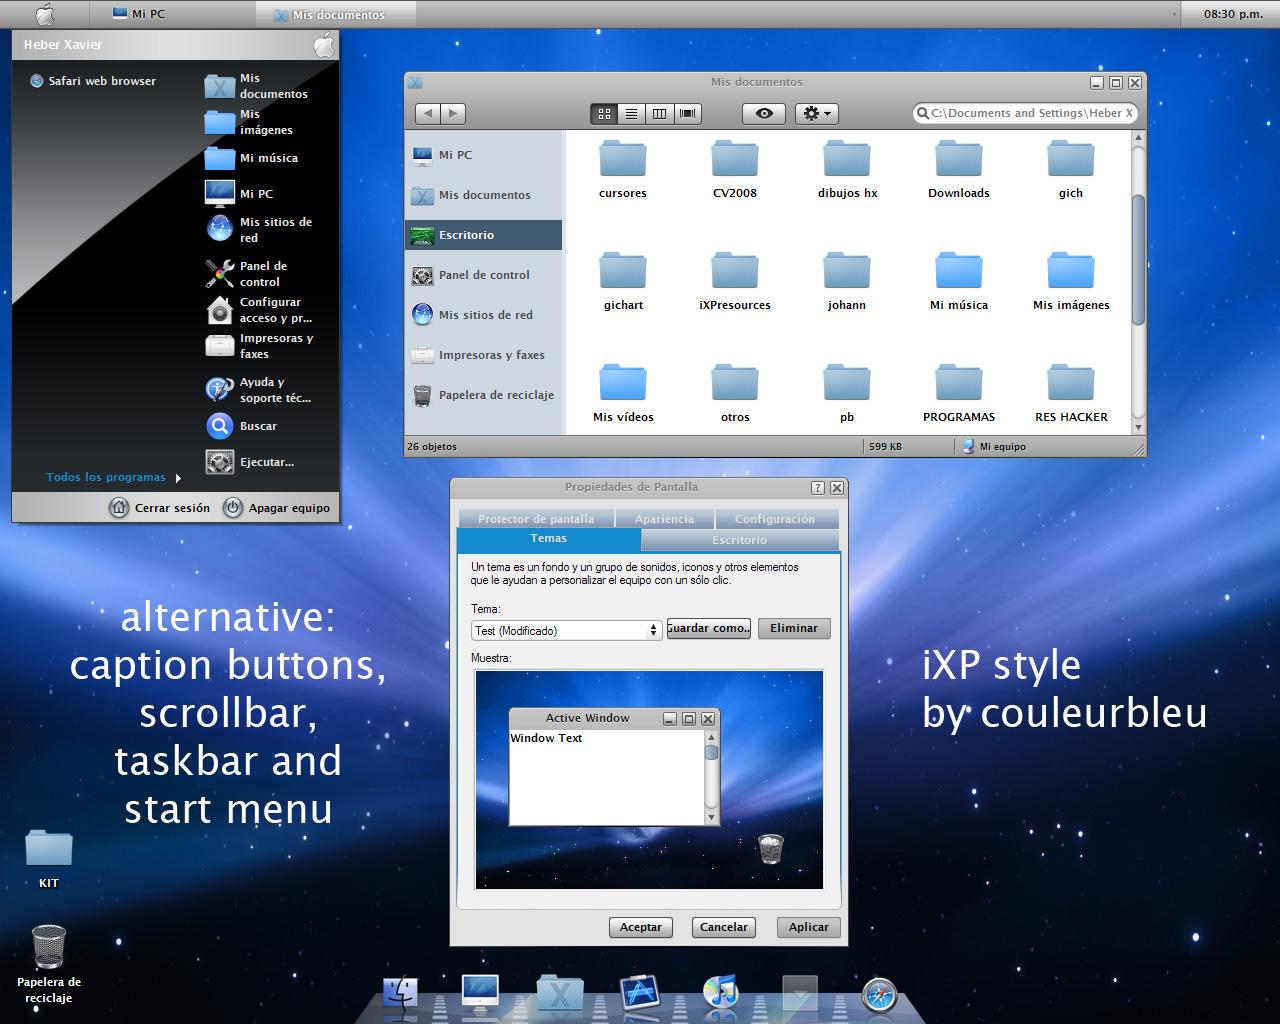 iXP Style